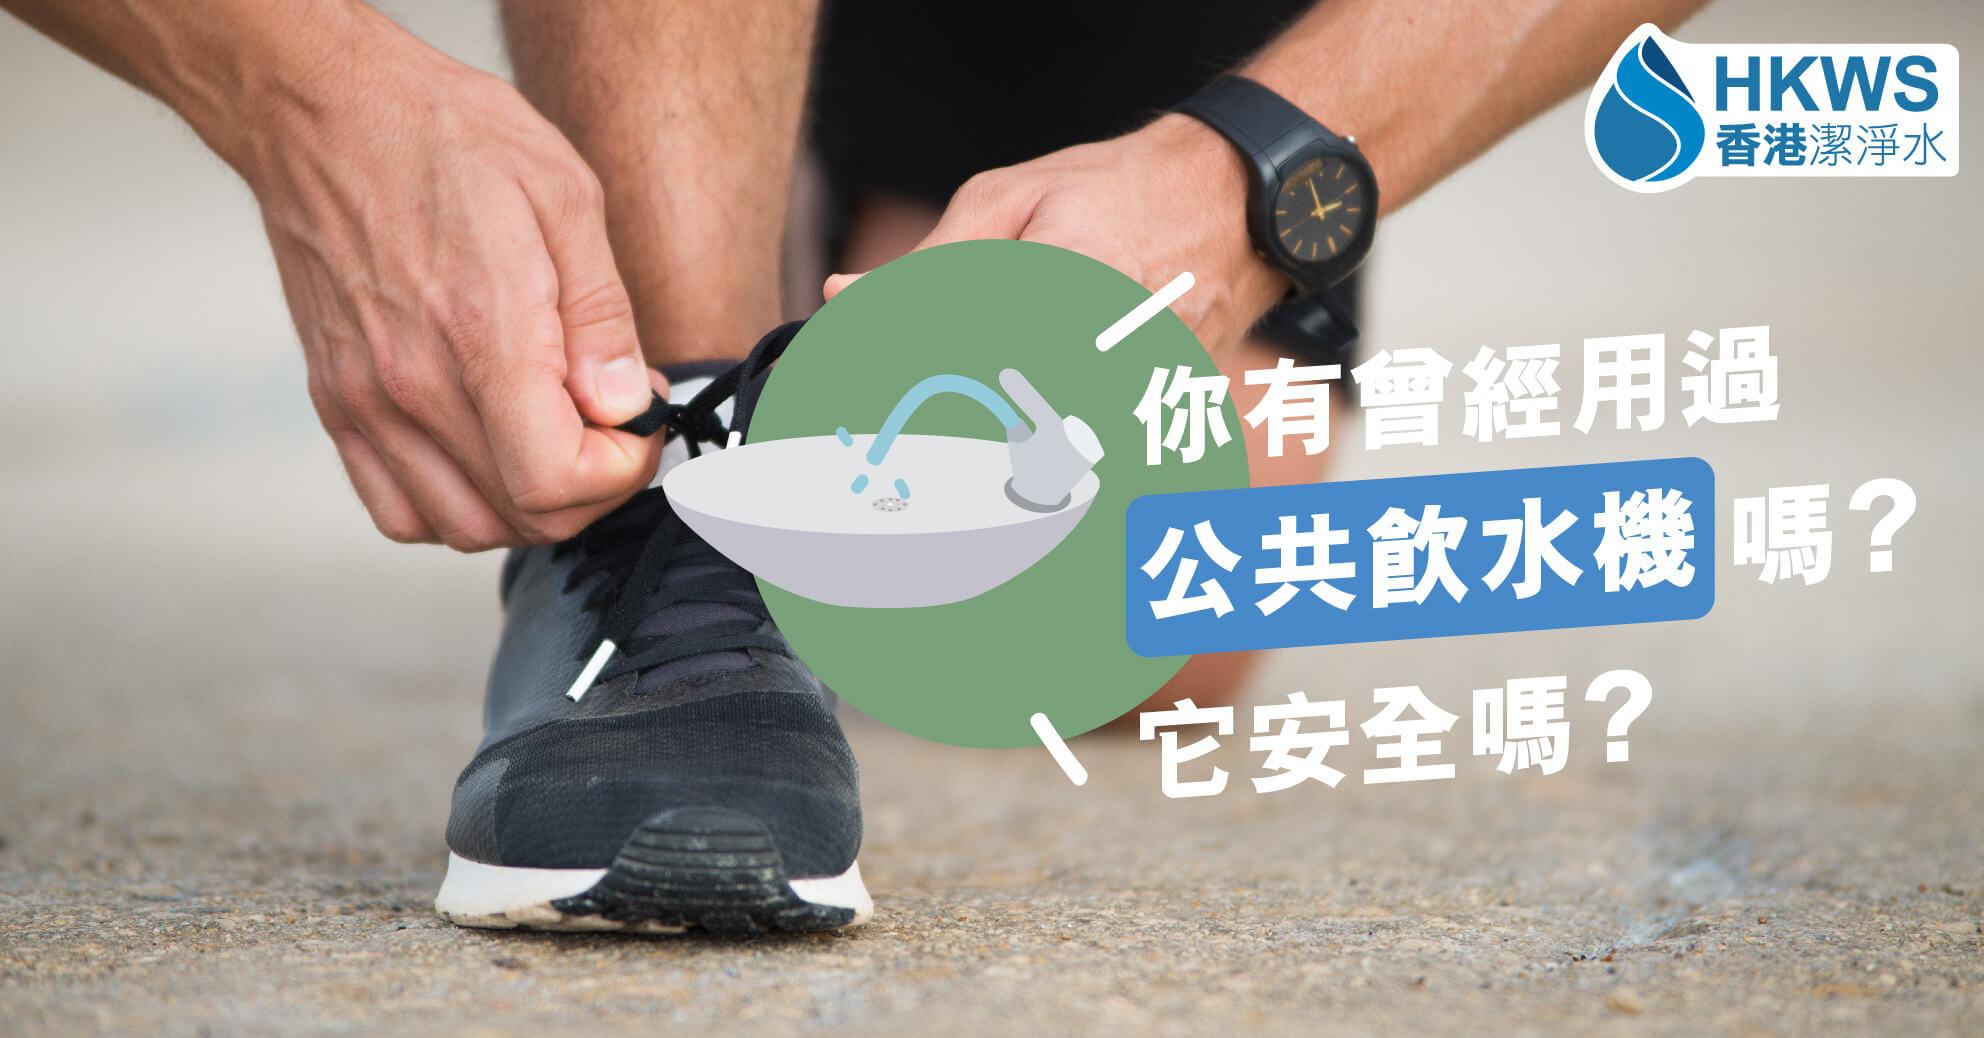 跑完步好口渴?公共(噴泉式)飲水機安全嗎?